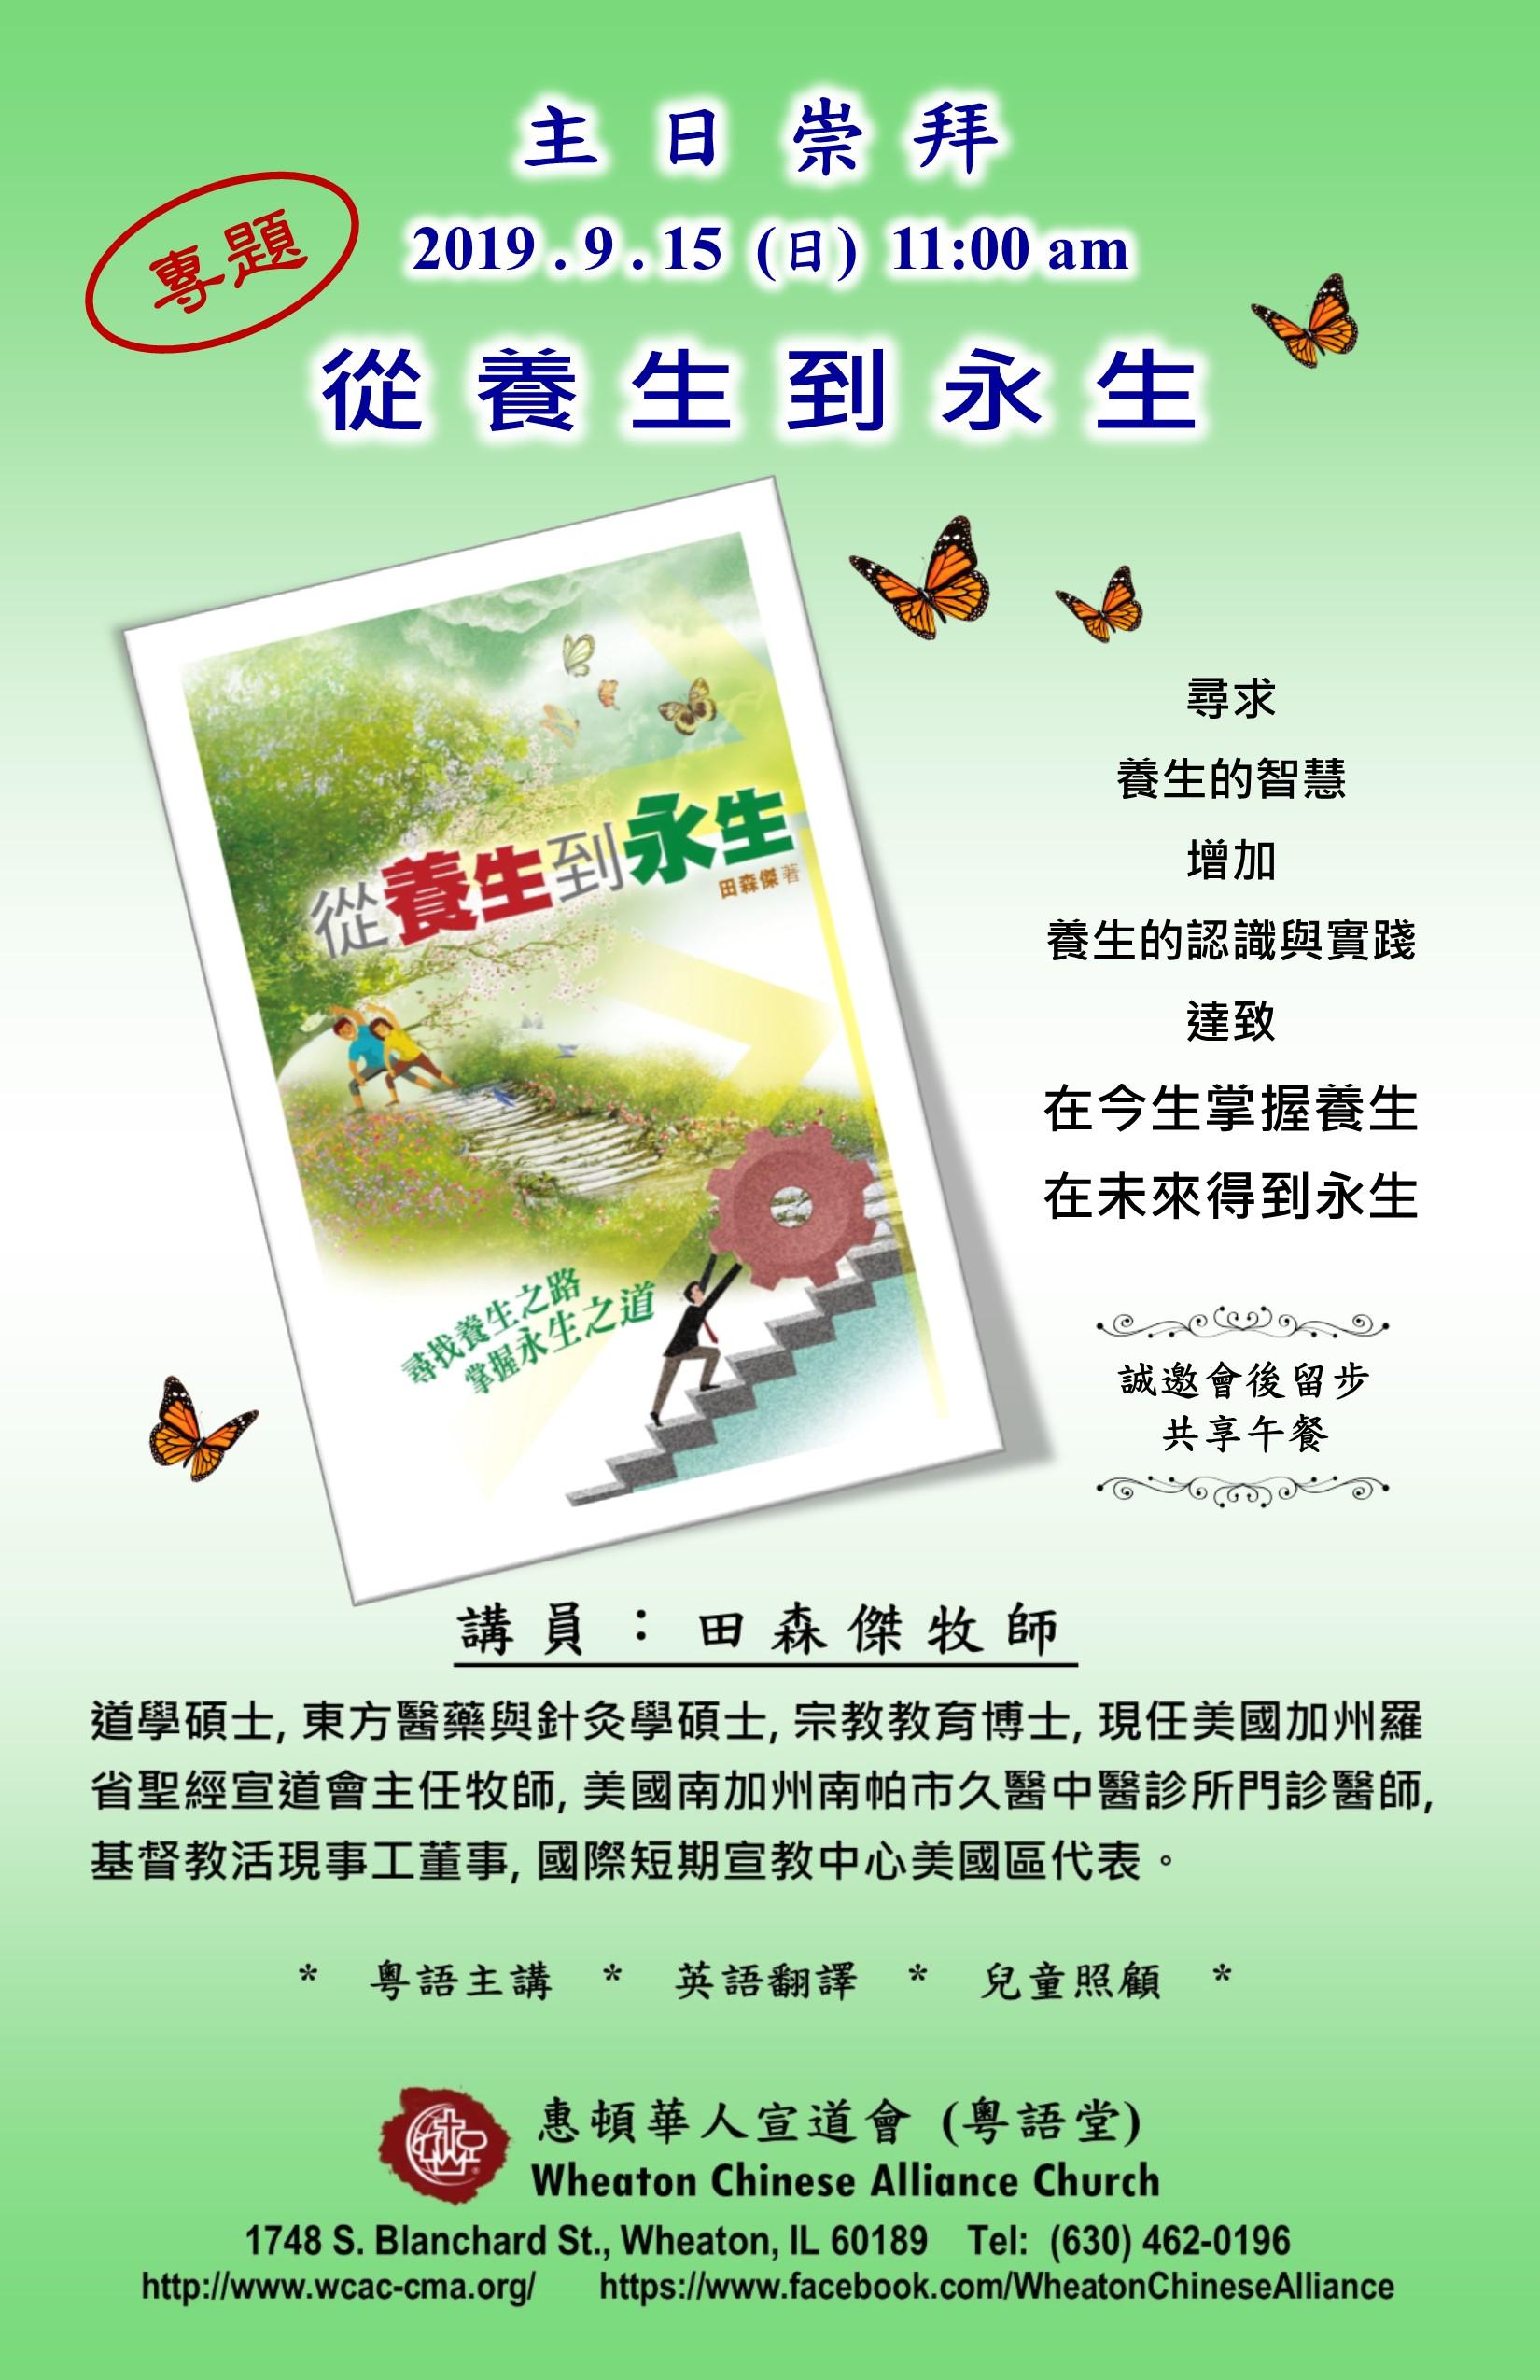 從養生到永生 Poster.jpg